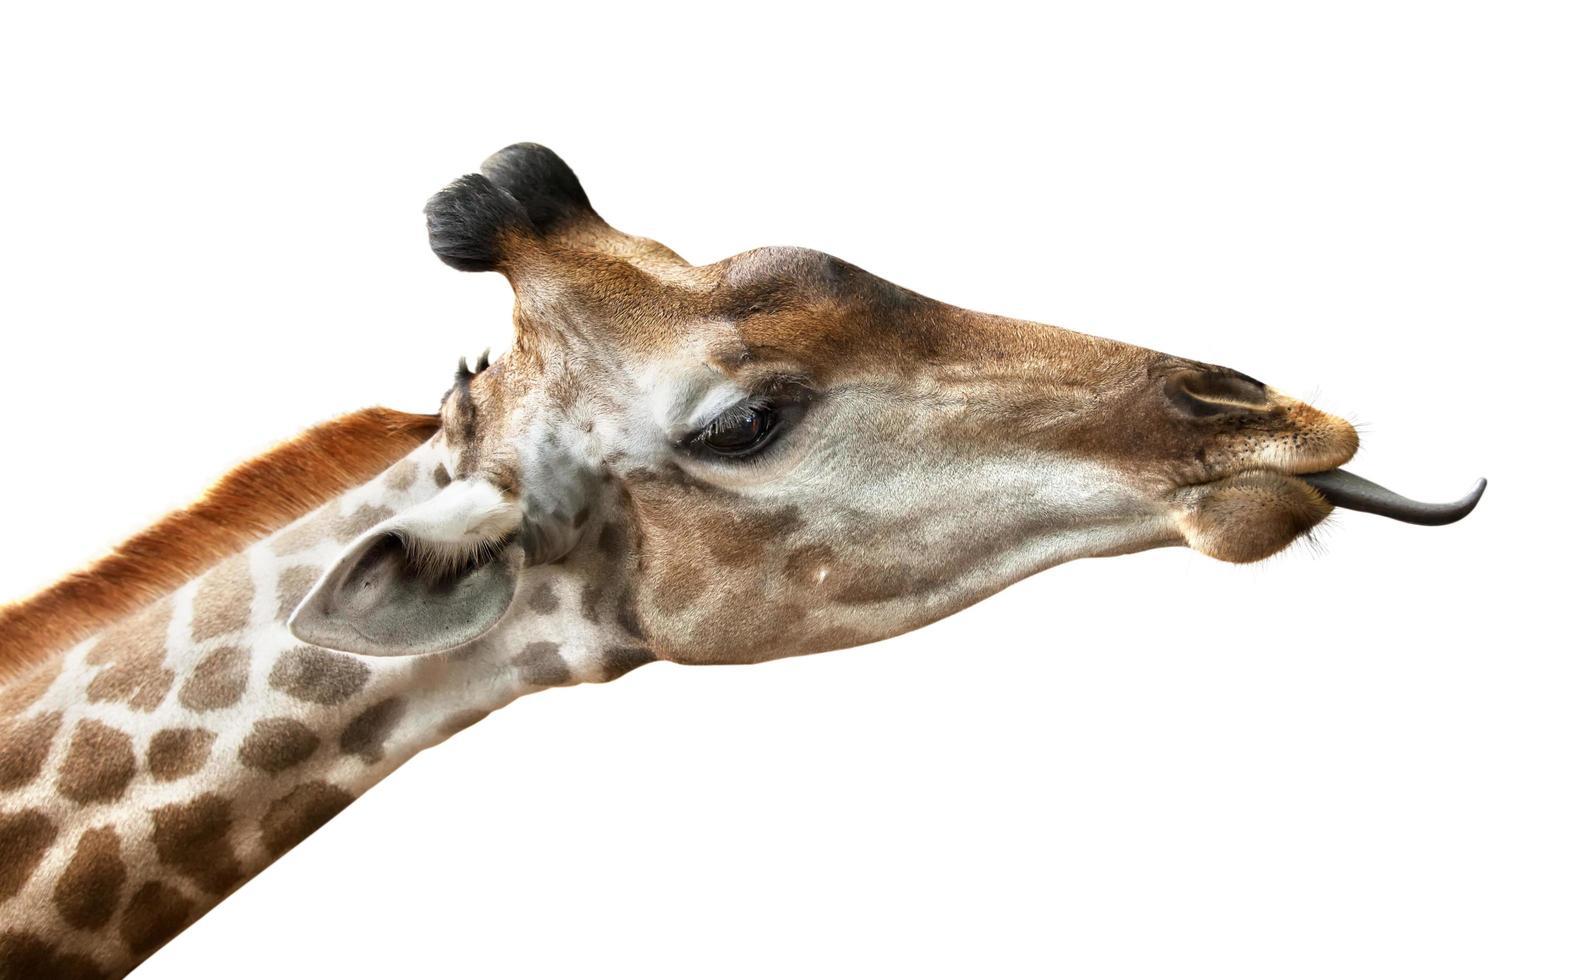 giraf op witte achtergrond foto